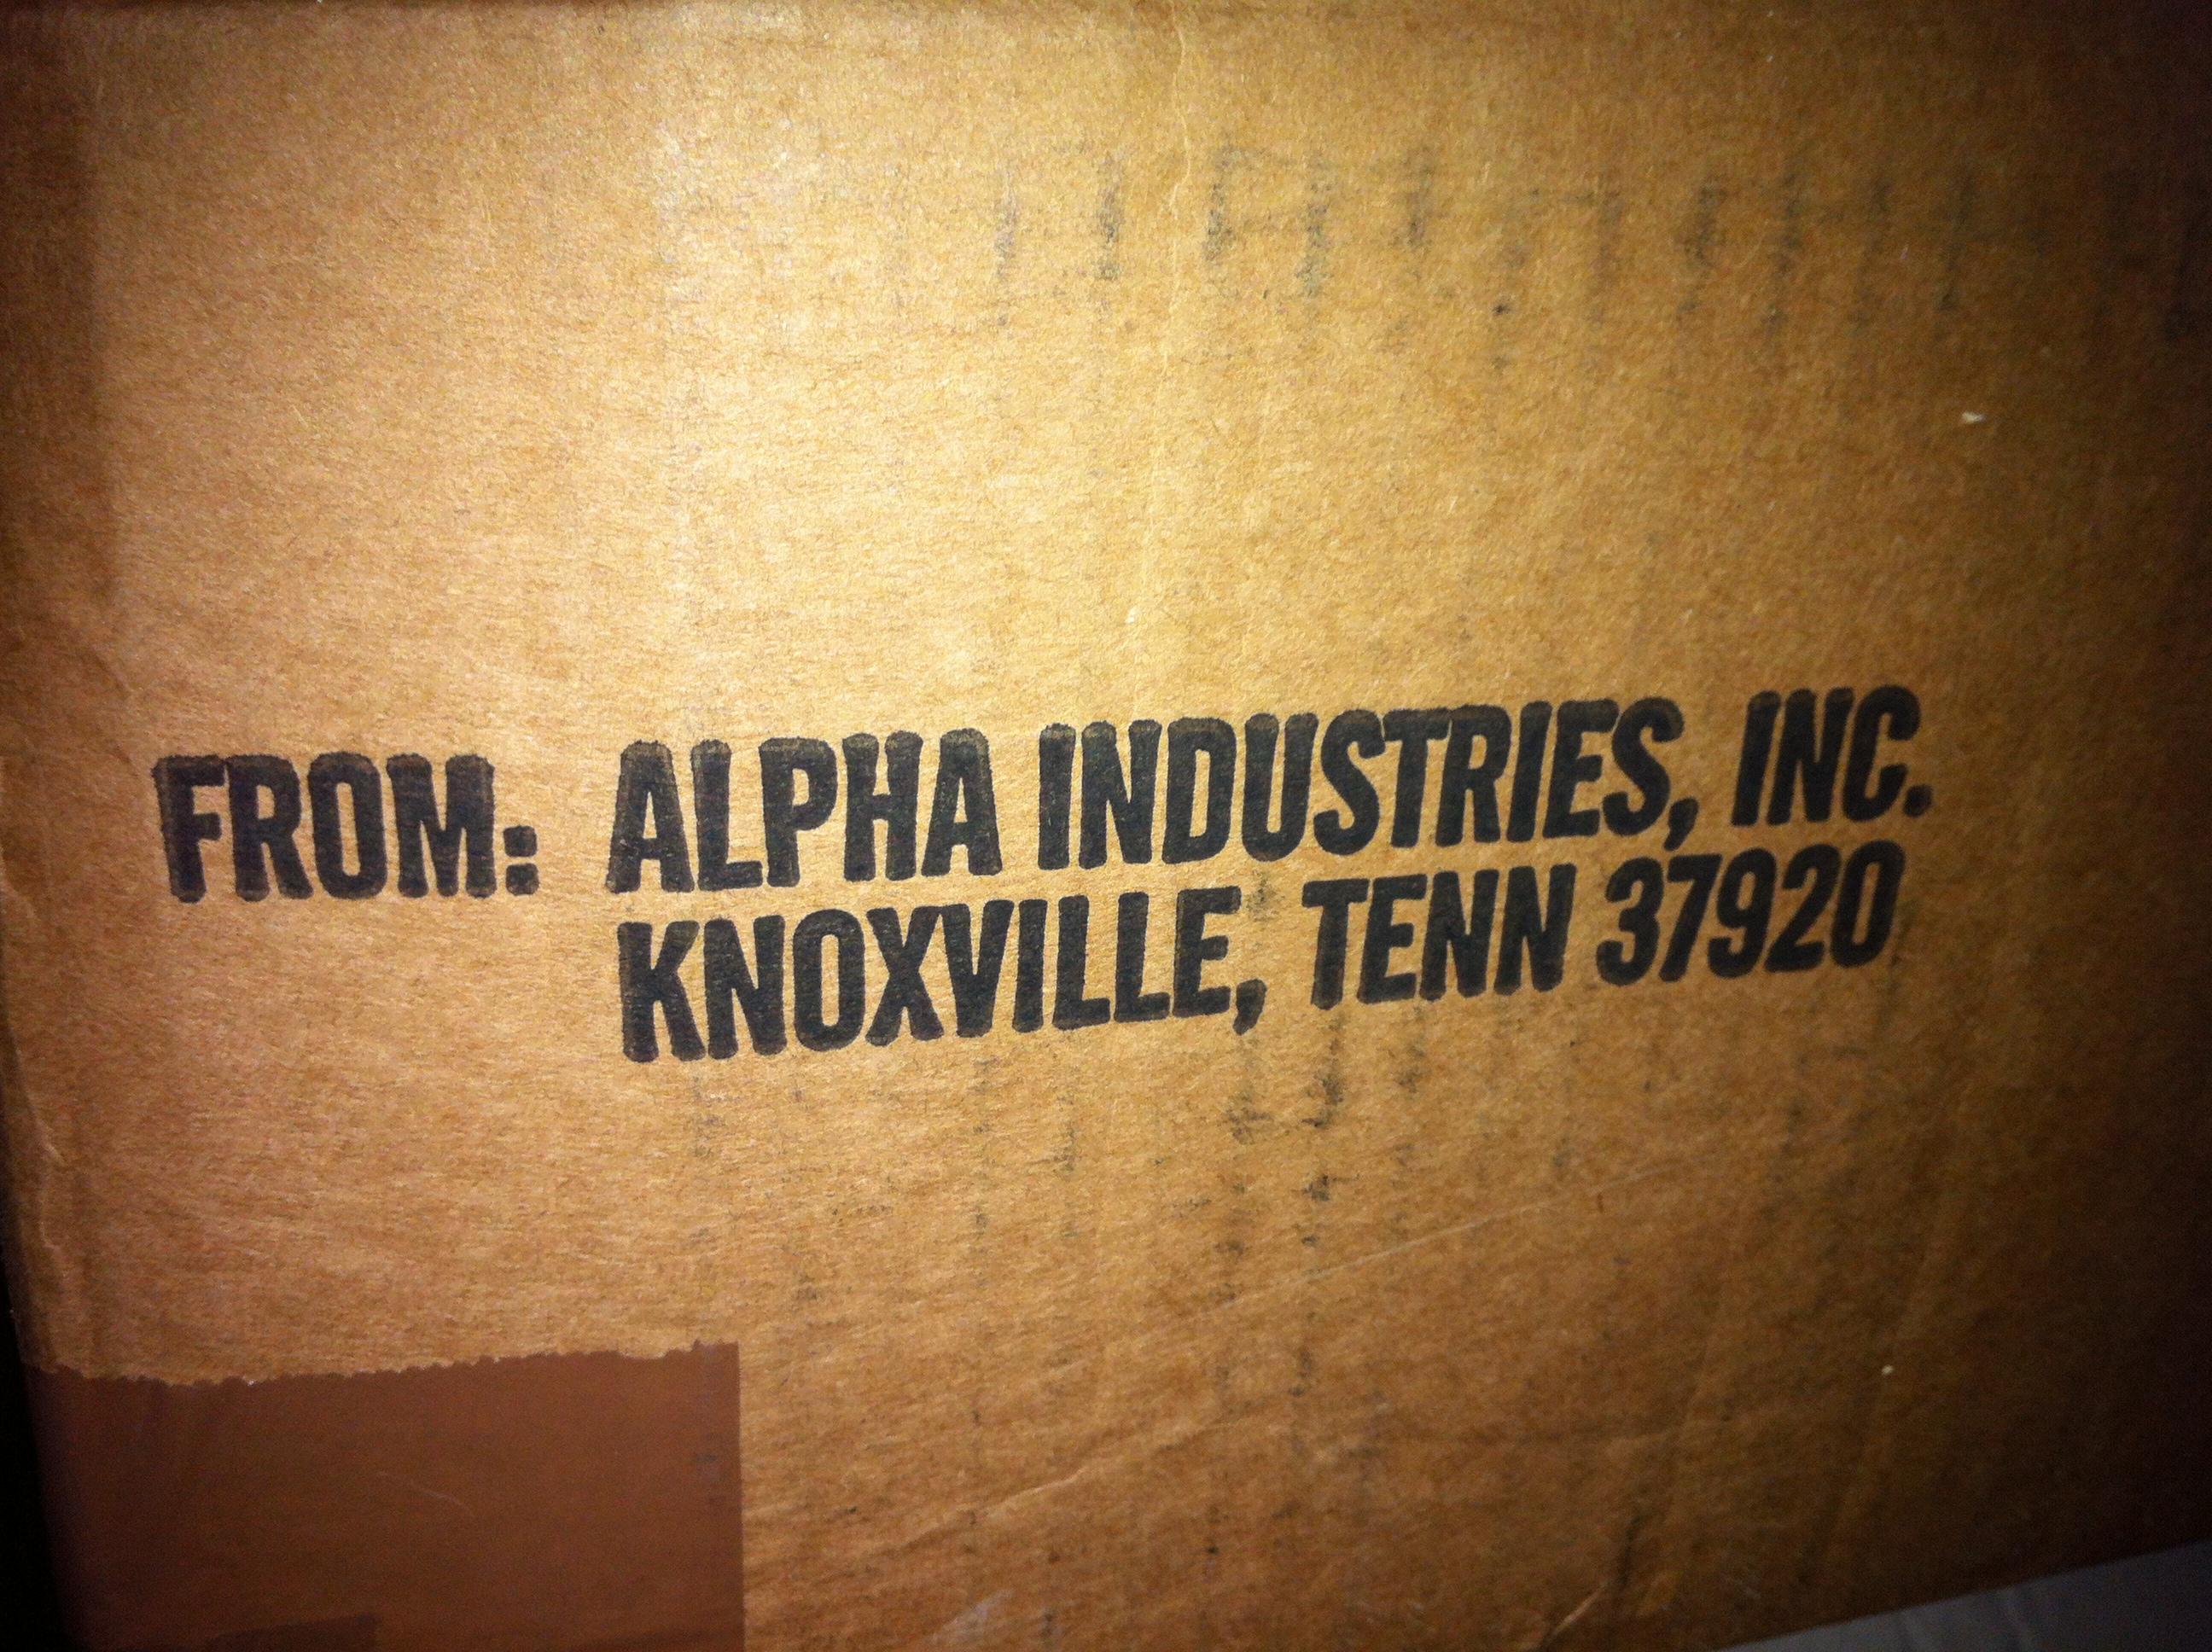 ОСТЕРЕГАЙТЕСЬ ПОДДЕЛКИ! Alpha Industries